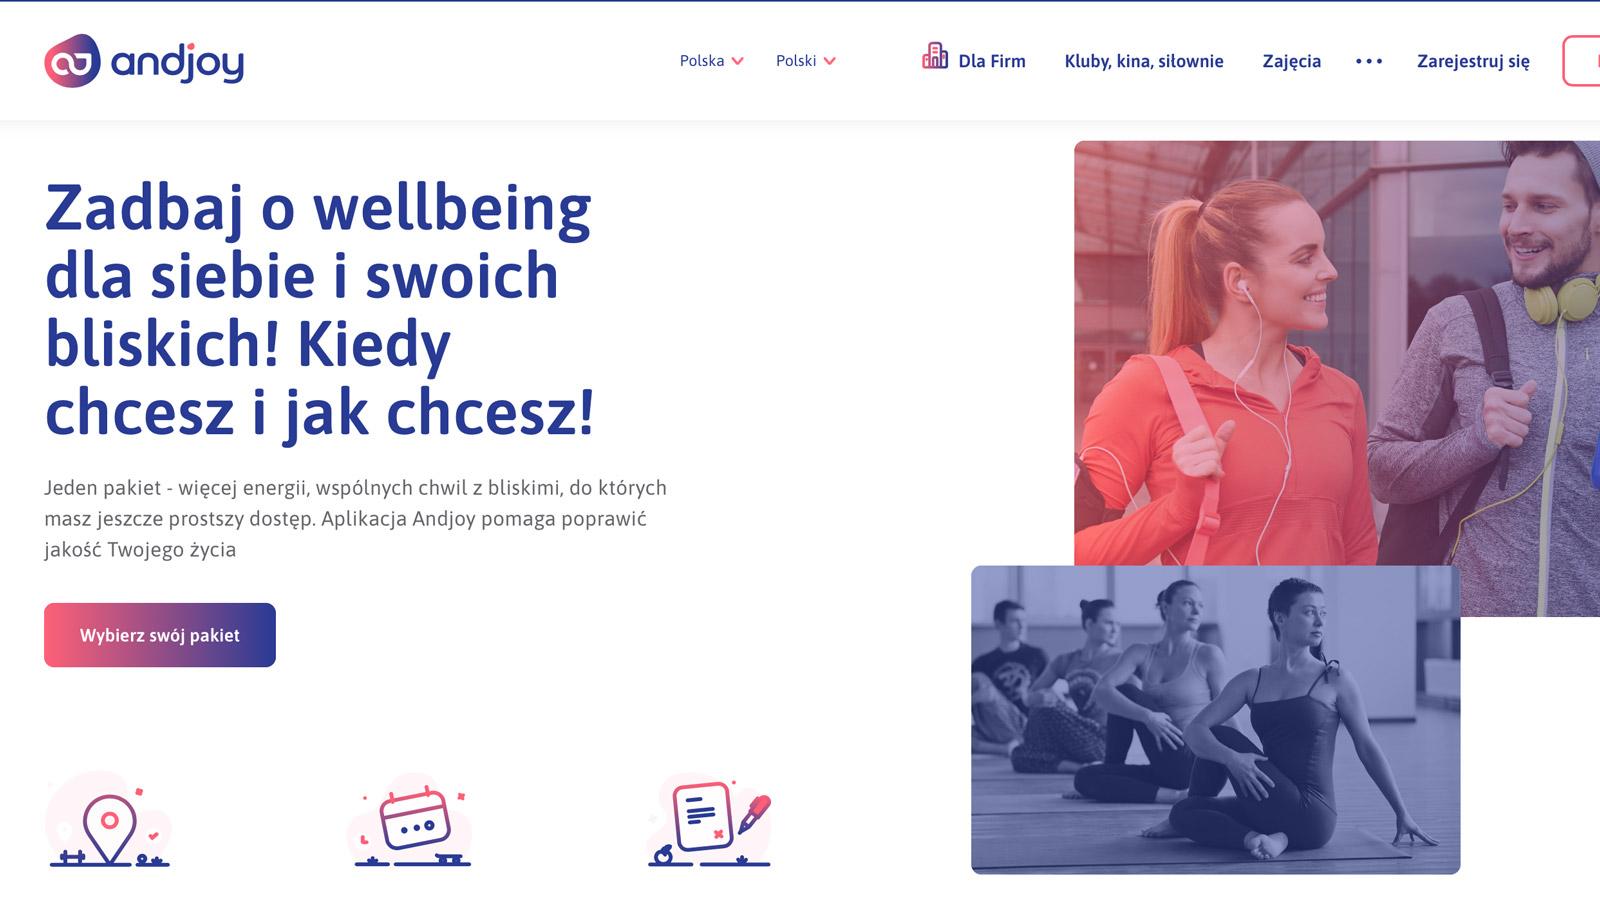 Aplikacja dbająca o wellbeing pracowników Sodexo mediarun andjoy wellbeing aplikacja 2019